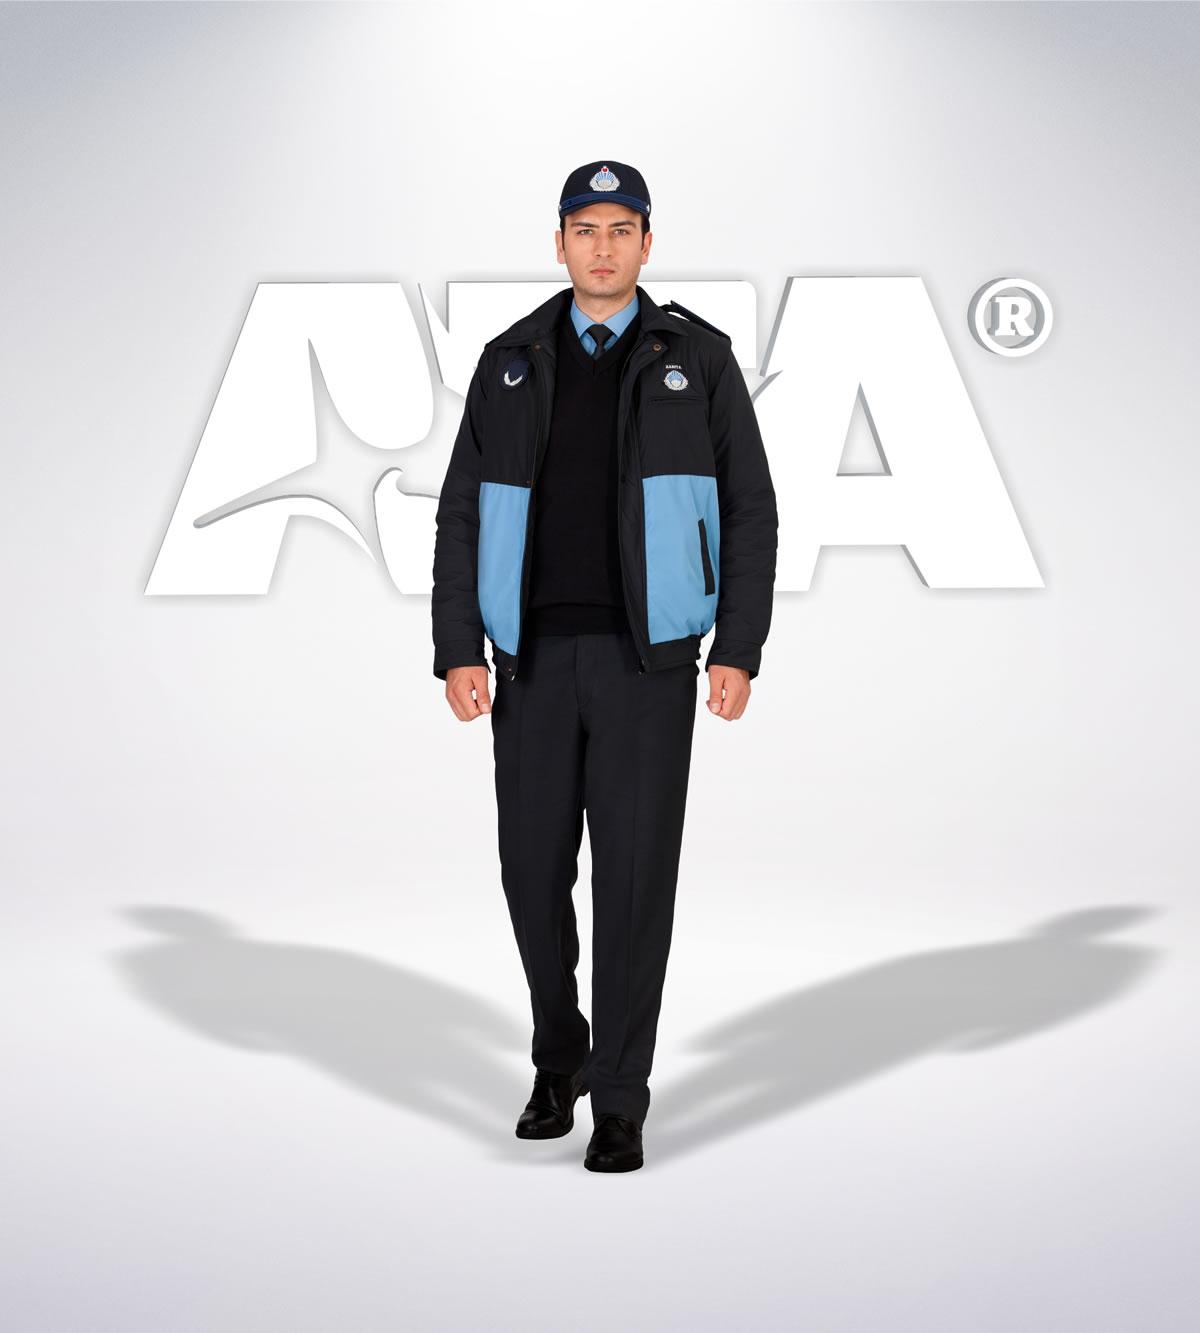 ATA 215 - ön - Pantolon kışlık -mont-reflektör-aksesuar - zabıta elbiseleri | zabıta üniformaları | zabıta kıyafetleri